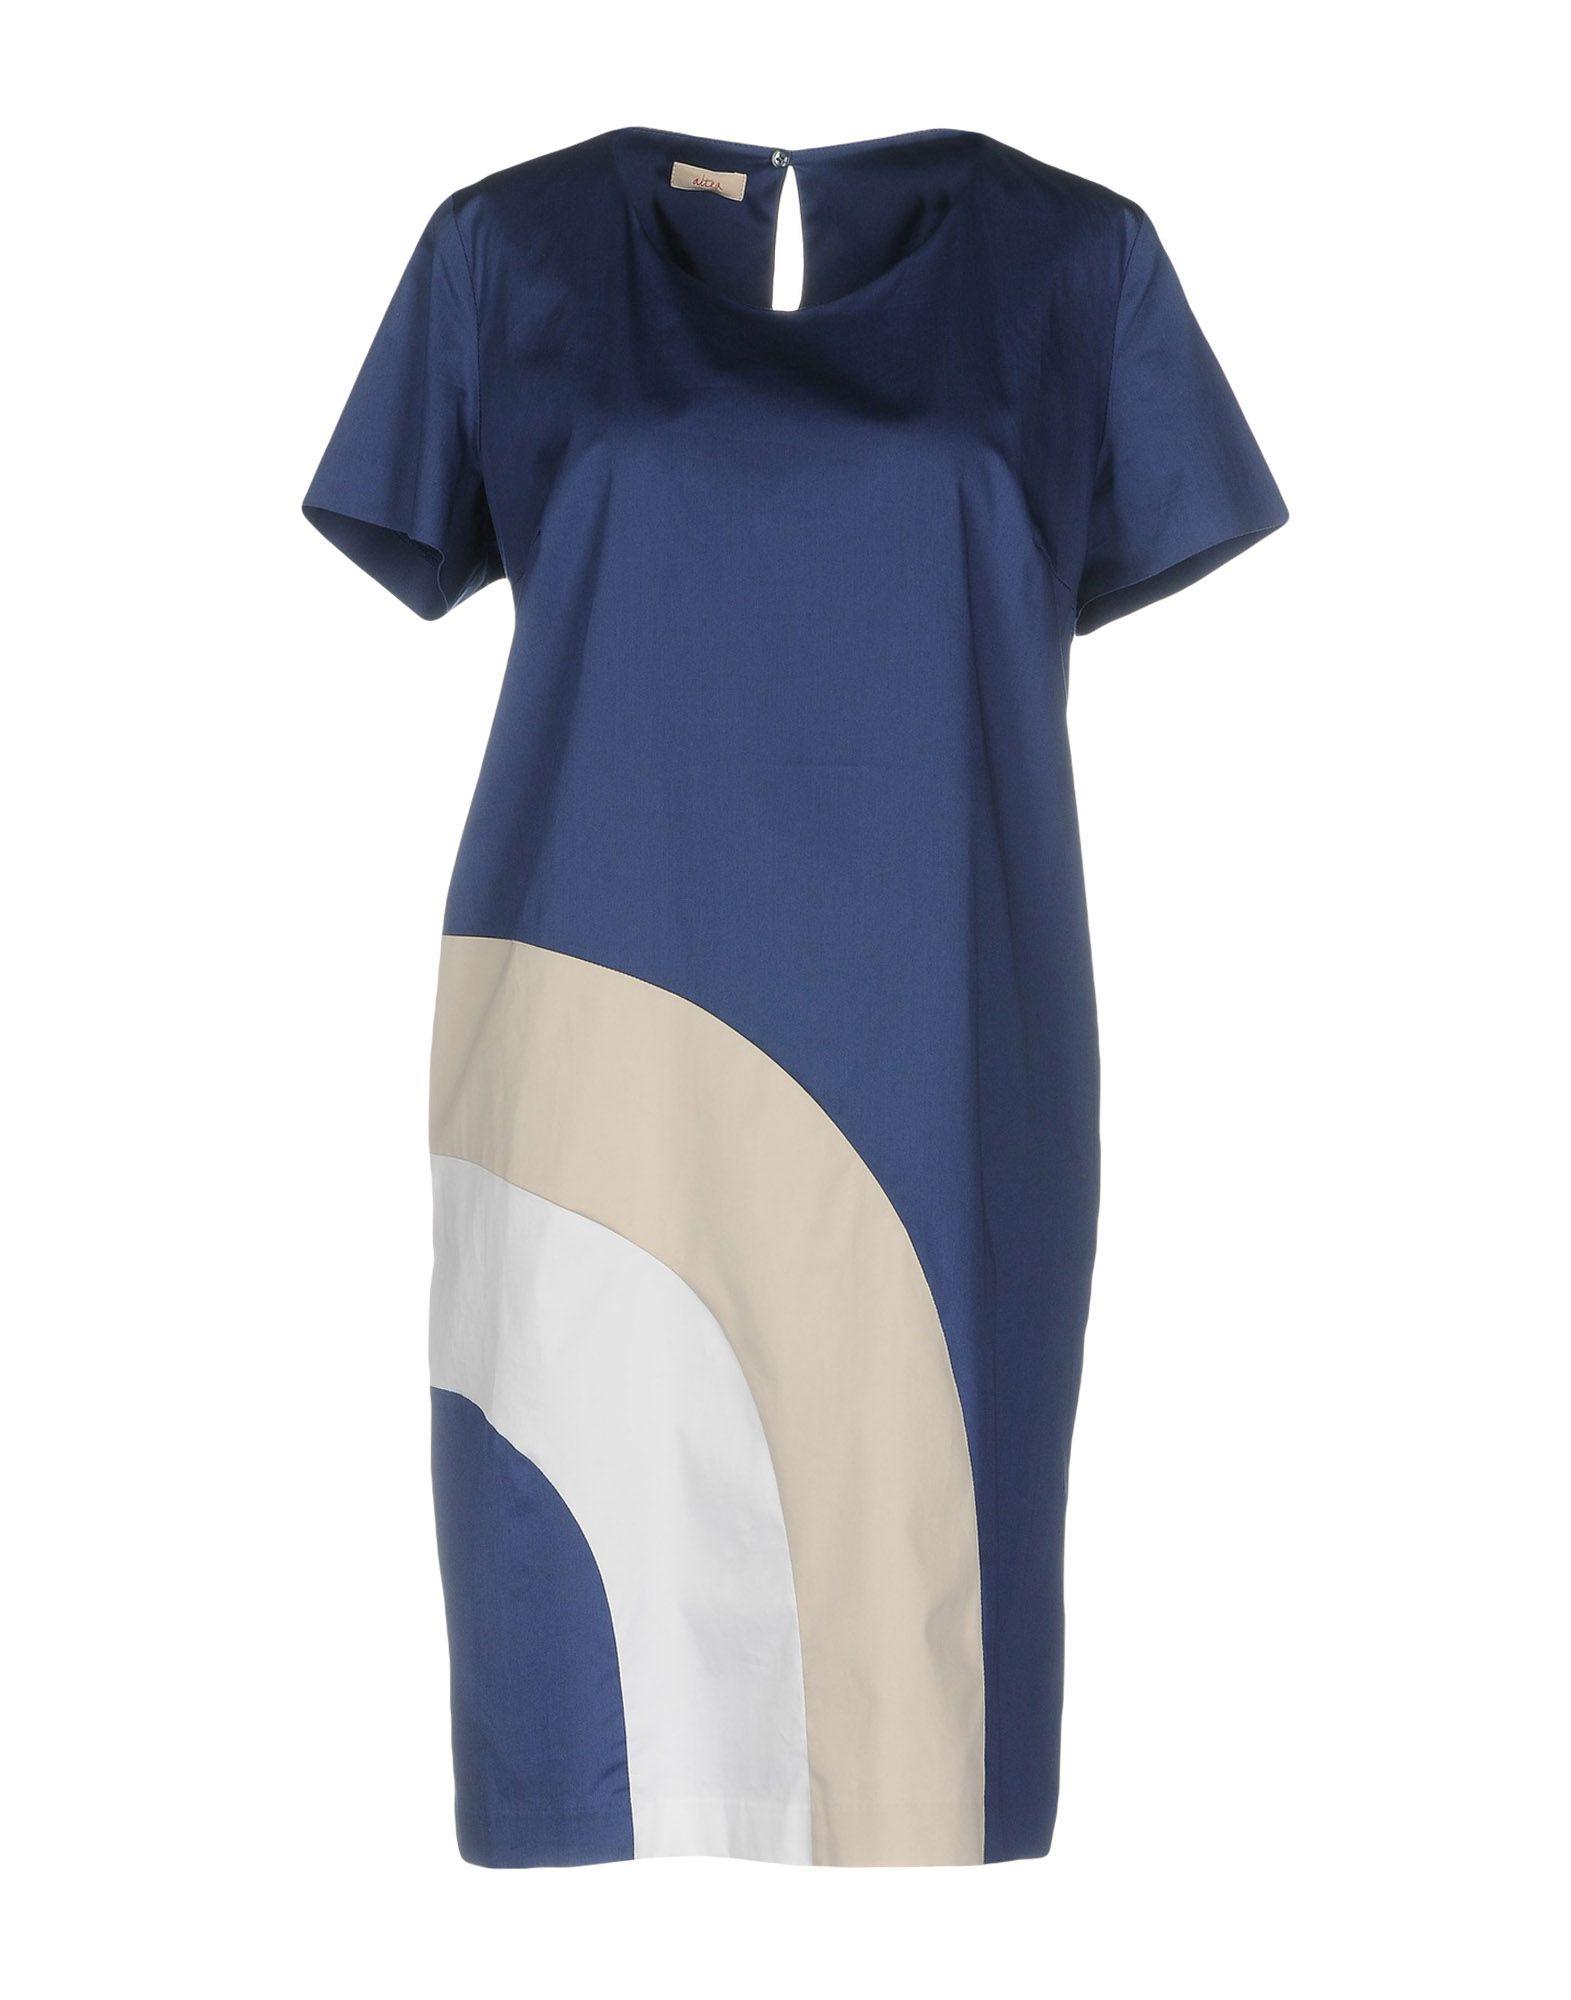 ALTEA dal 1973 Короткое платье altea dal 1973 джинсовая рубашка